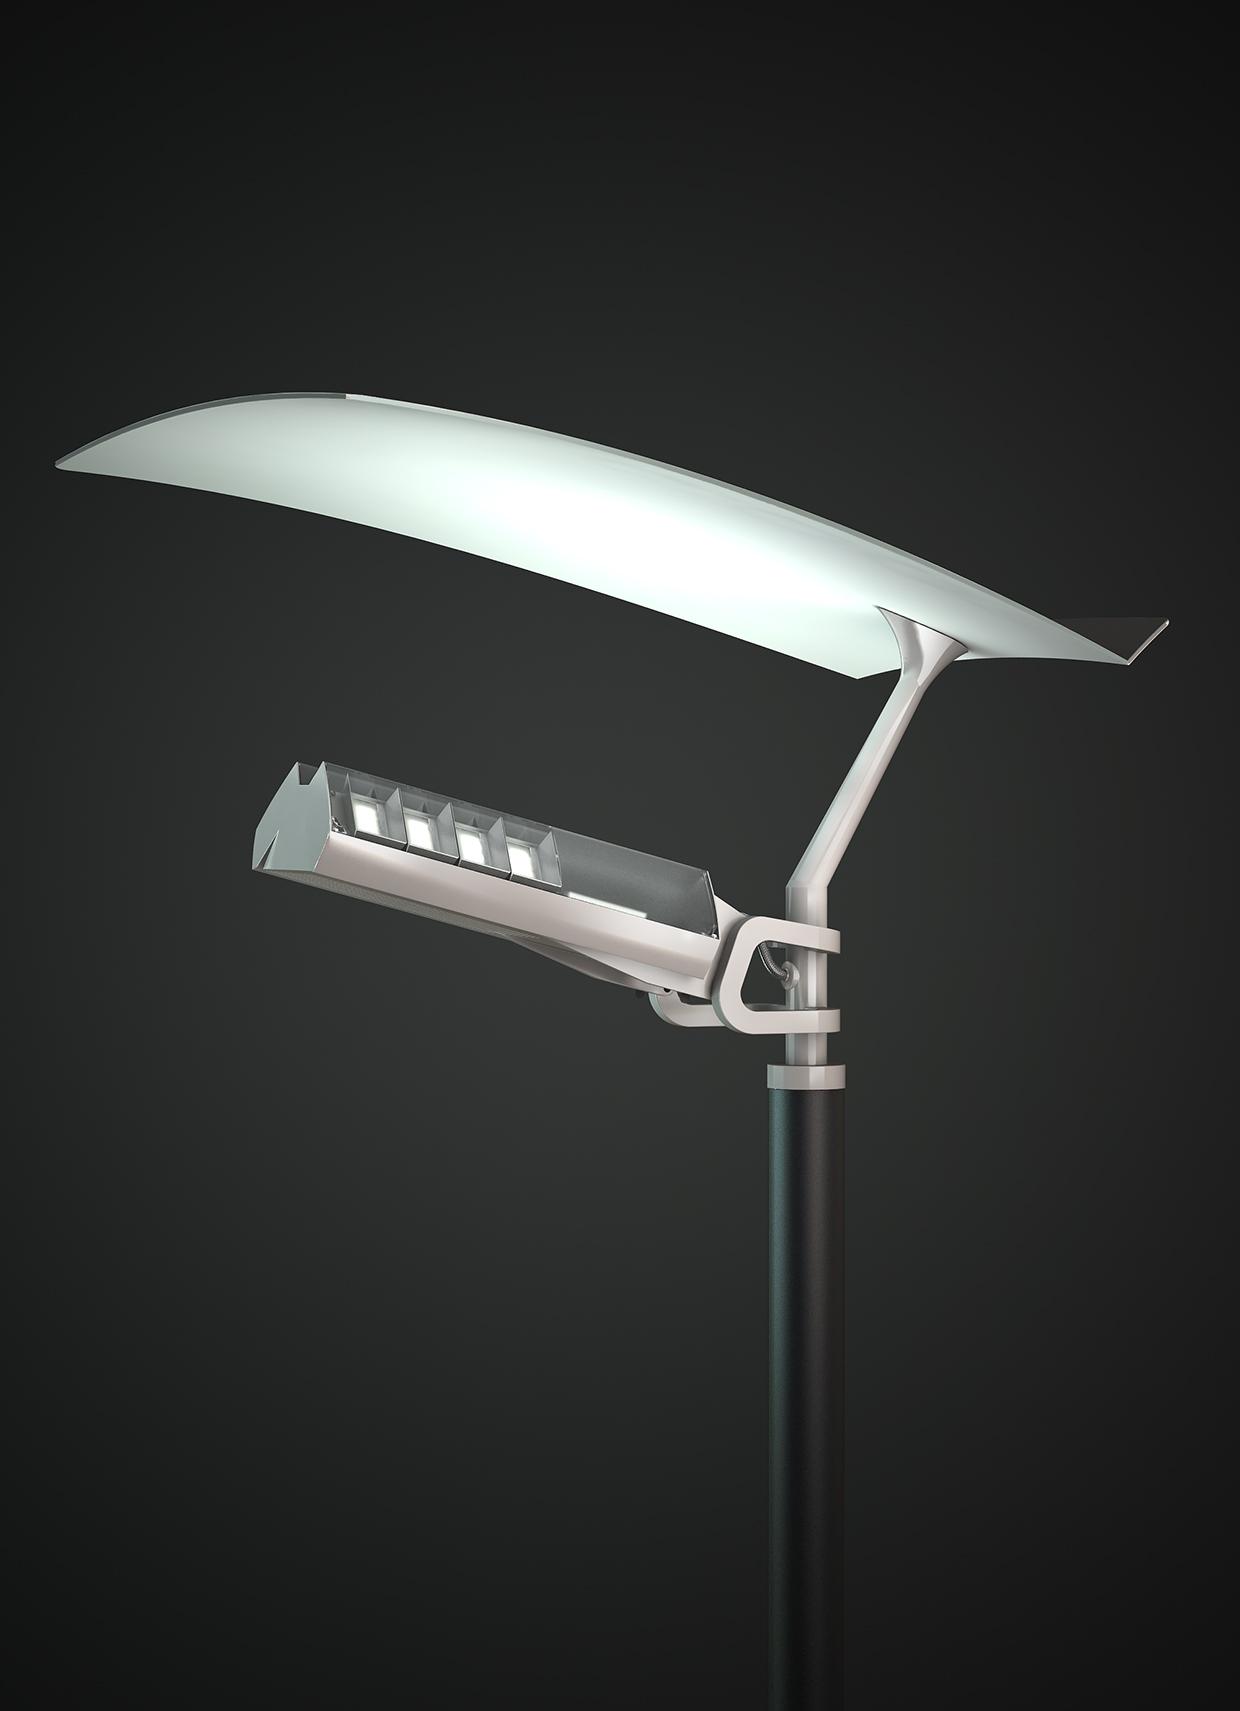 Dripmoon-archvis-graphiste3D-design-produits-images-3D-luminaires -Noctabene